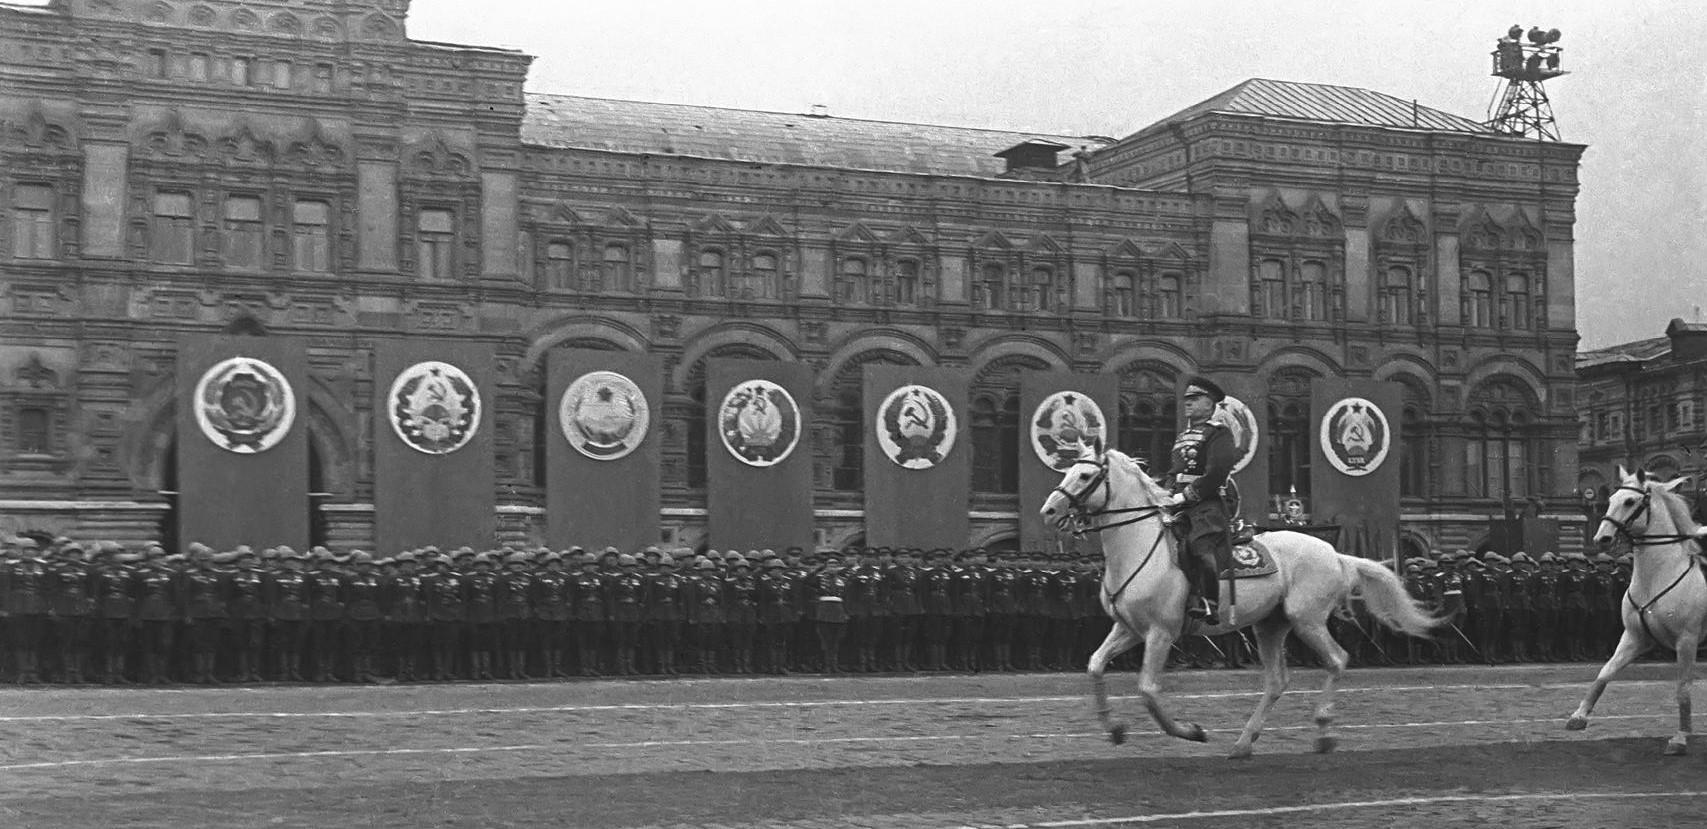 Marsall fehér lovon: Zsukov a moszkvai győzelmi parádén